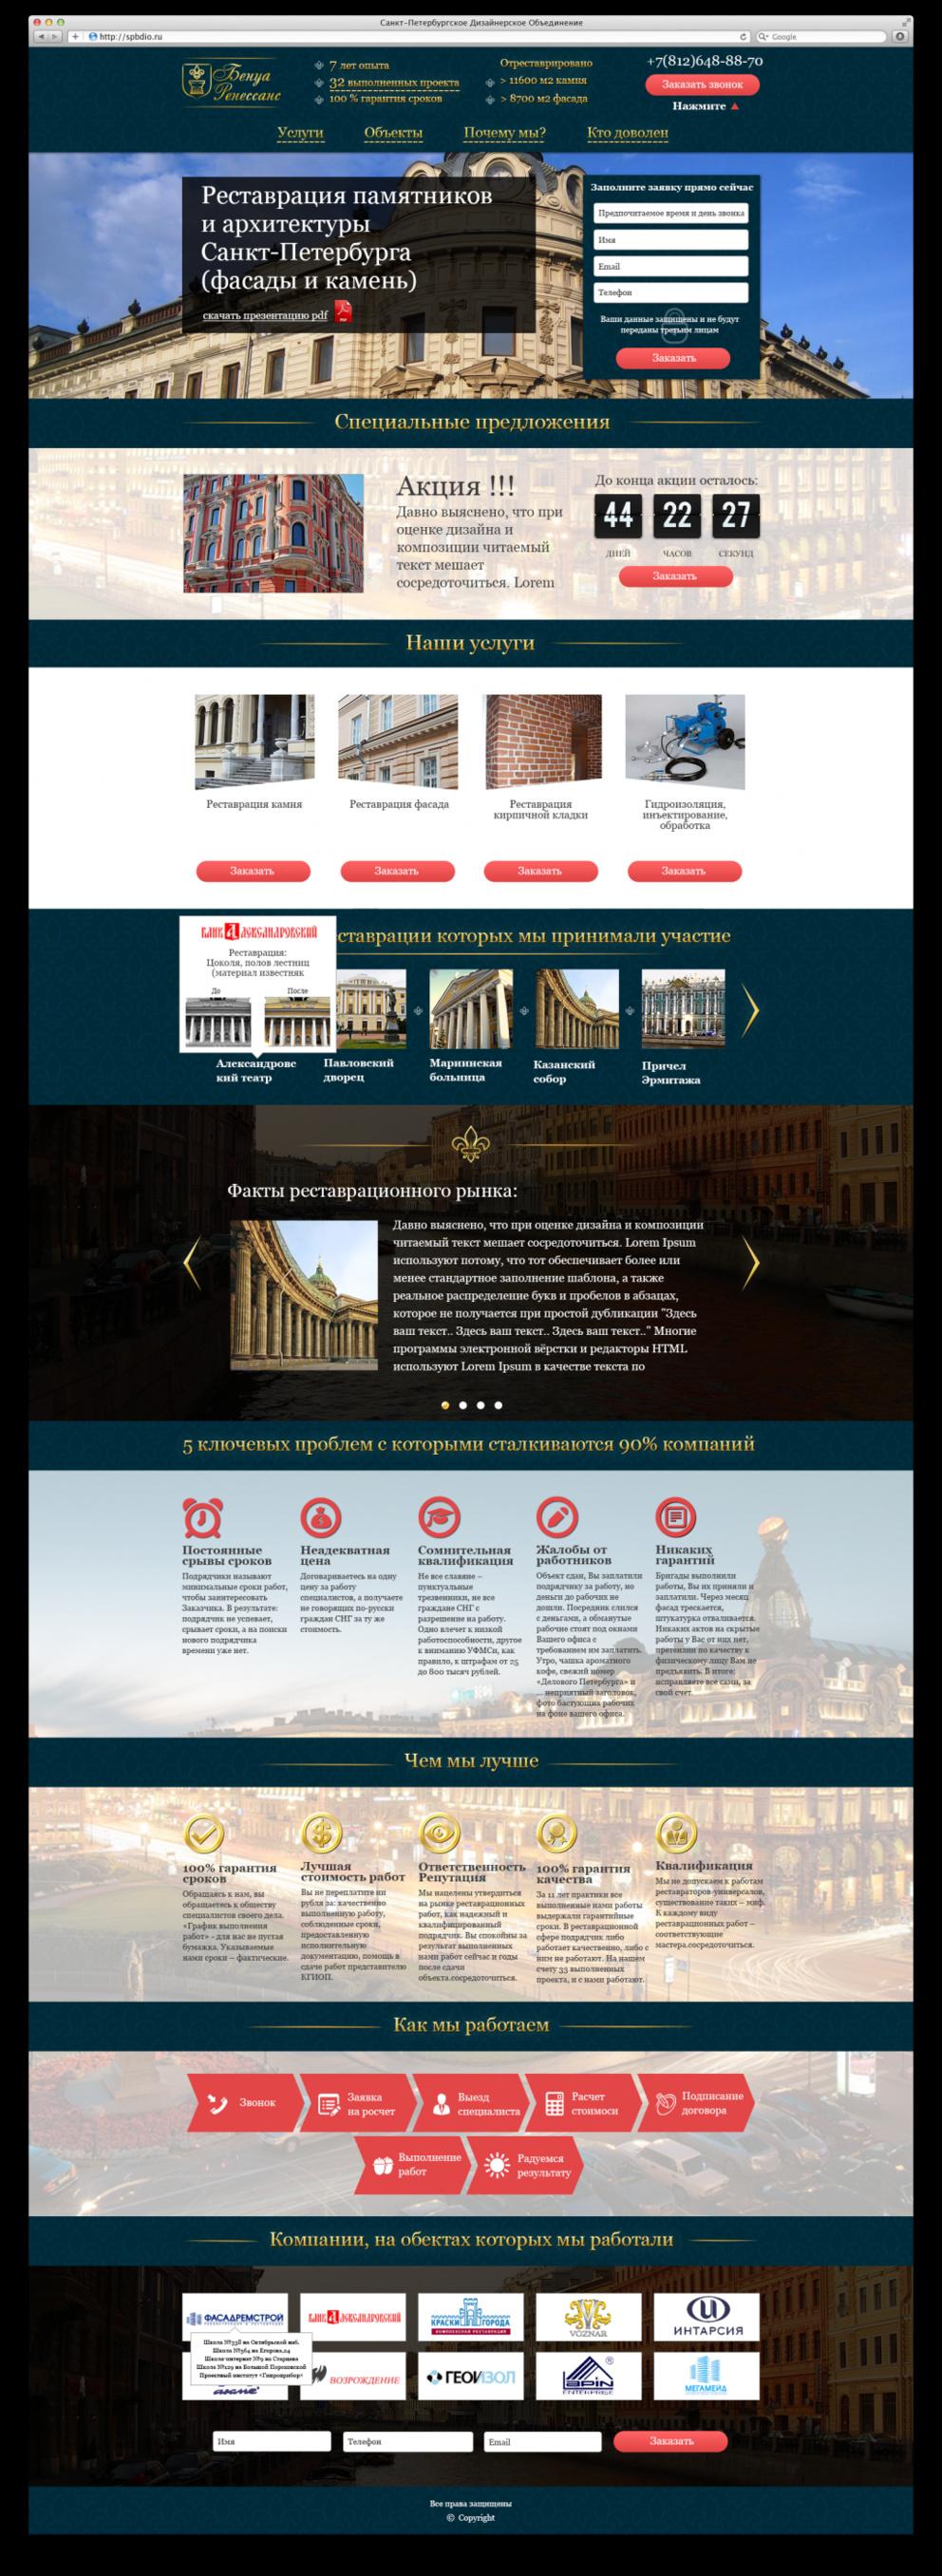 Разработка сайта (Landing Page) / Проект компании SPBDIO